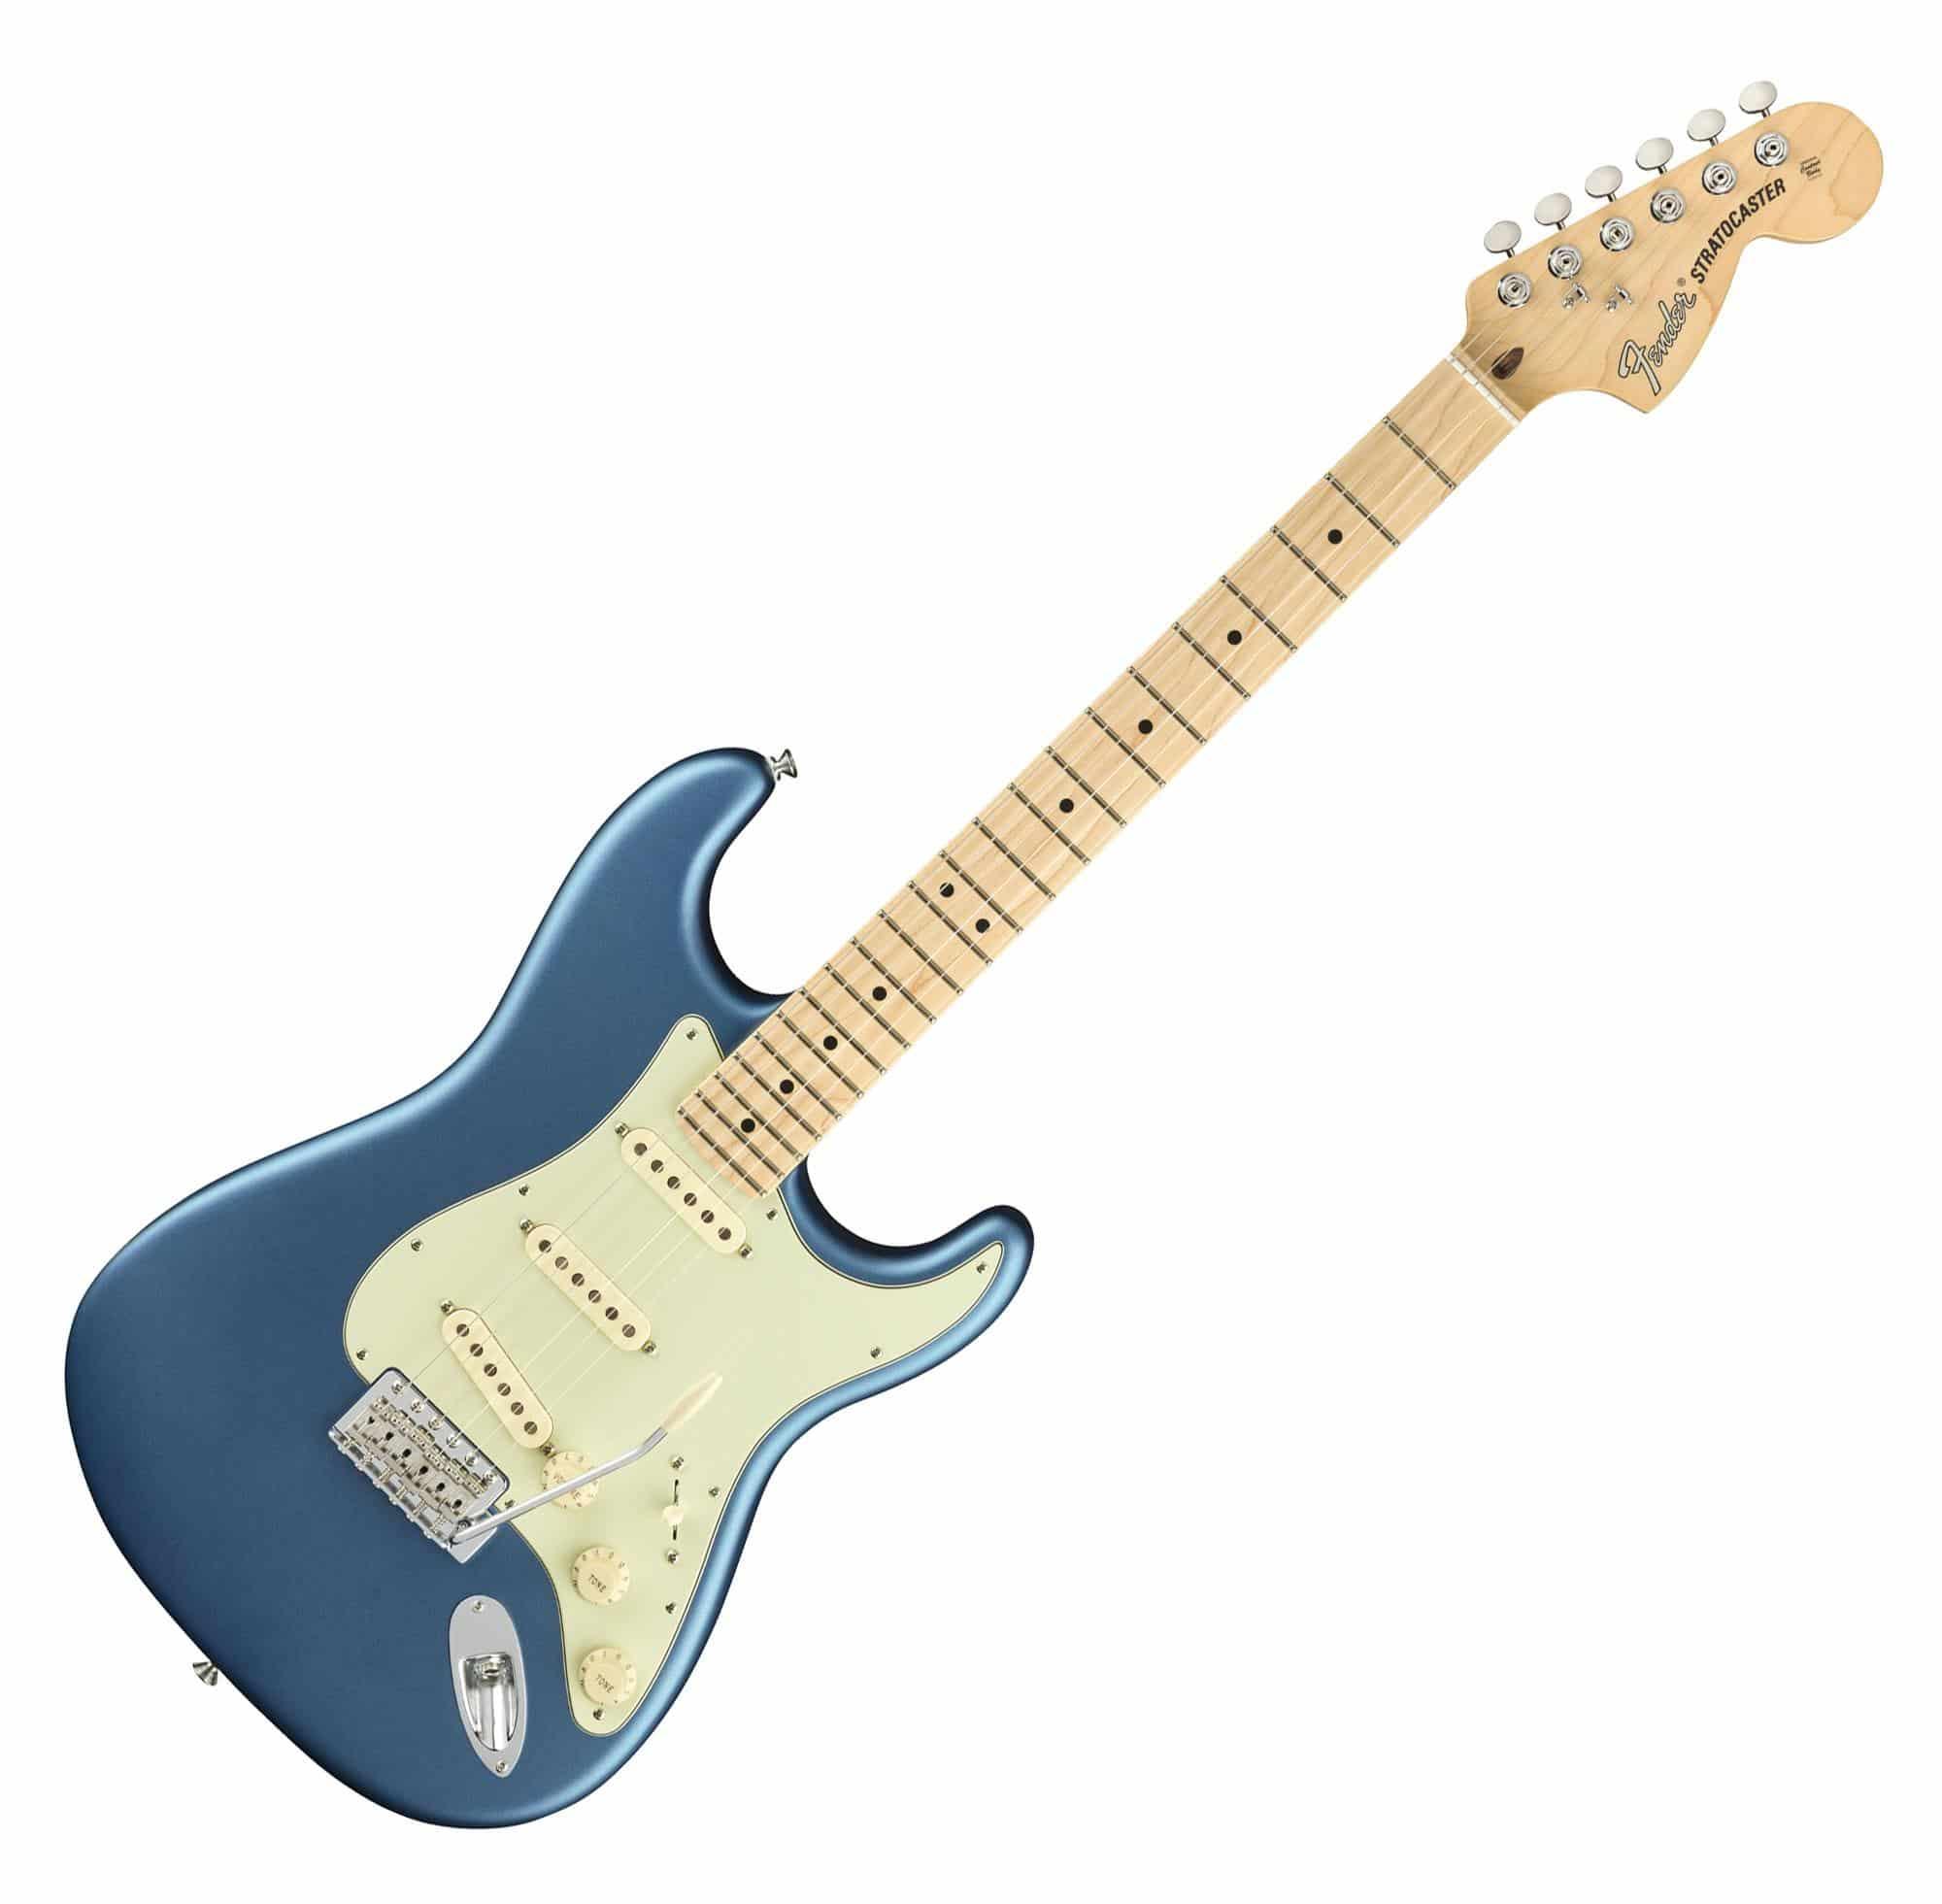 Egitarren - Fender American Performer Strat MN SLPB - Onlineshop Musikhaus Kirstein